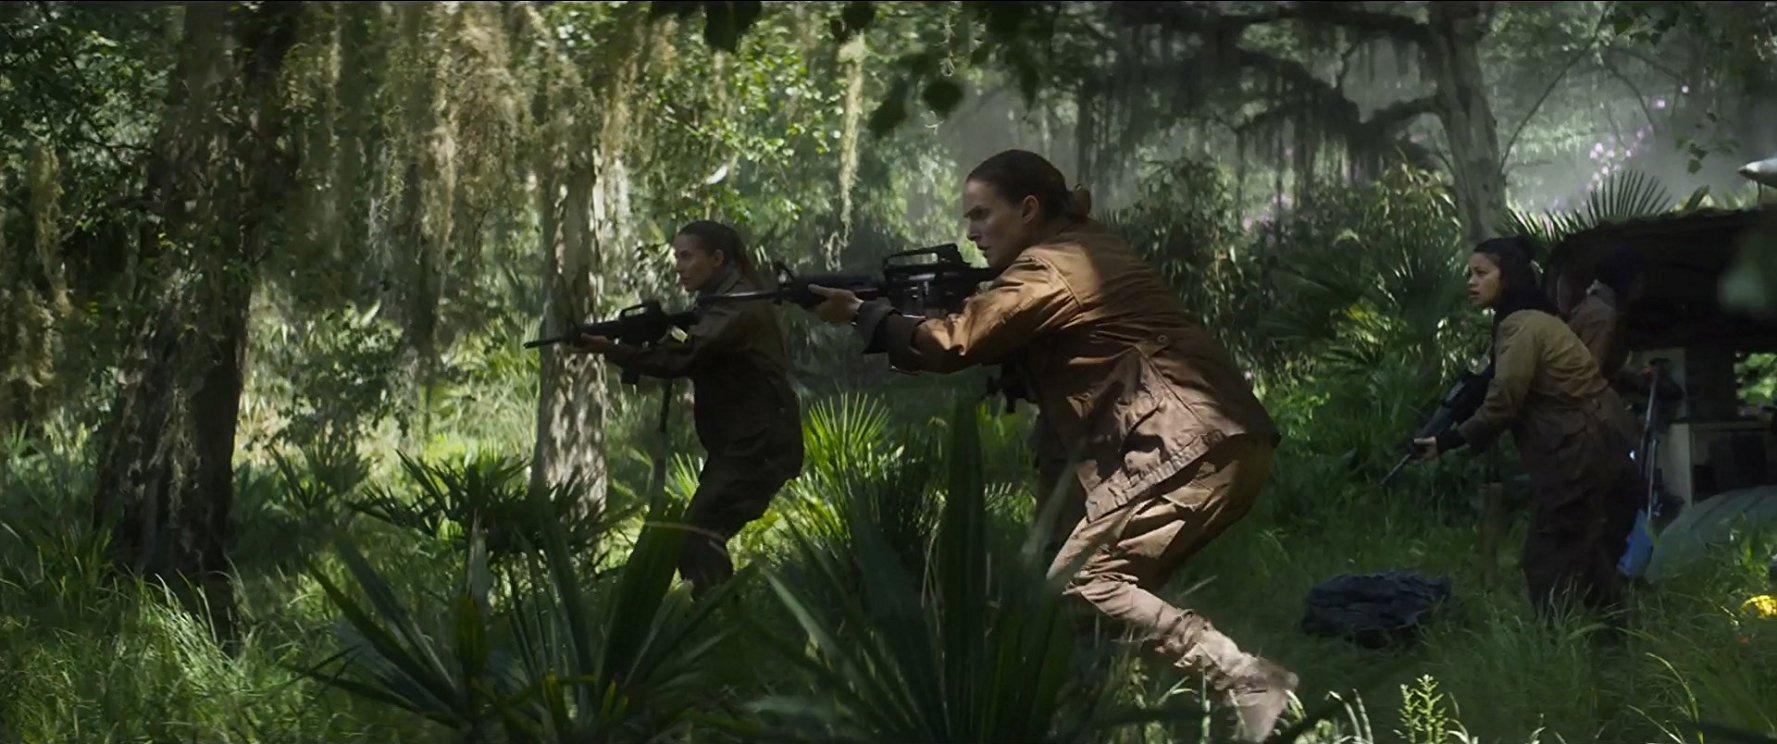 """Trailer do filme """"Aniquilação"""" com Natalie Portman e Gina ... Natalie Portman Jackie"""